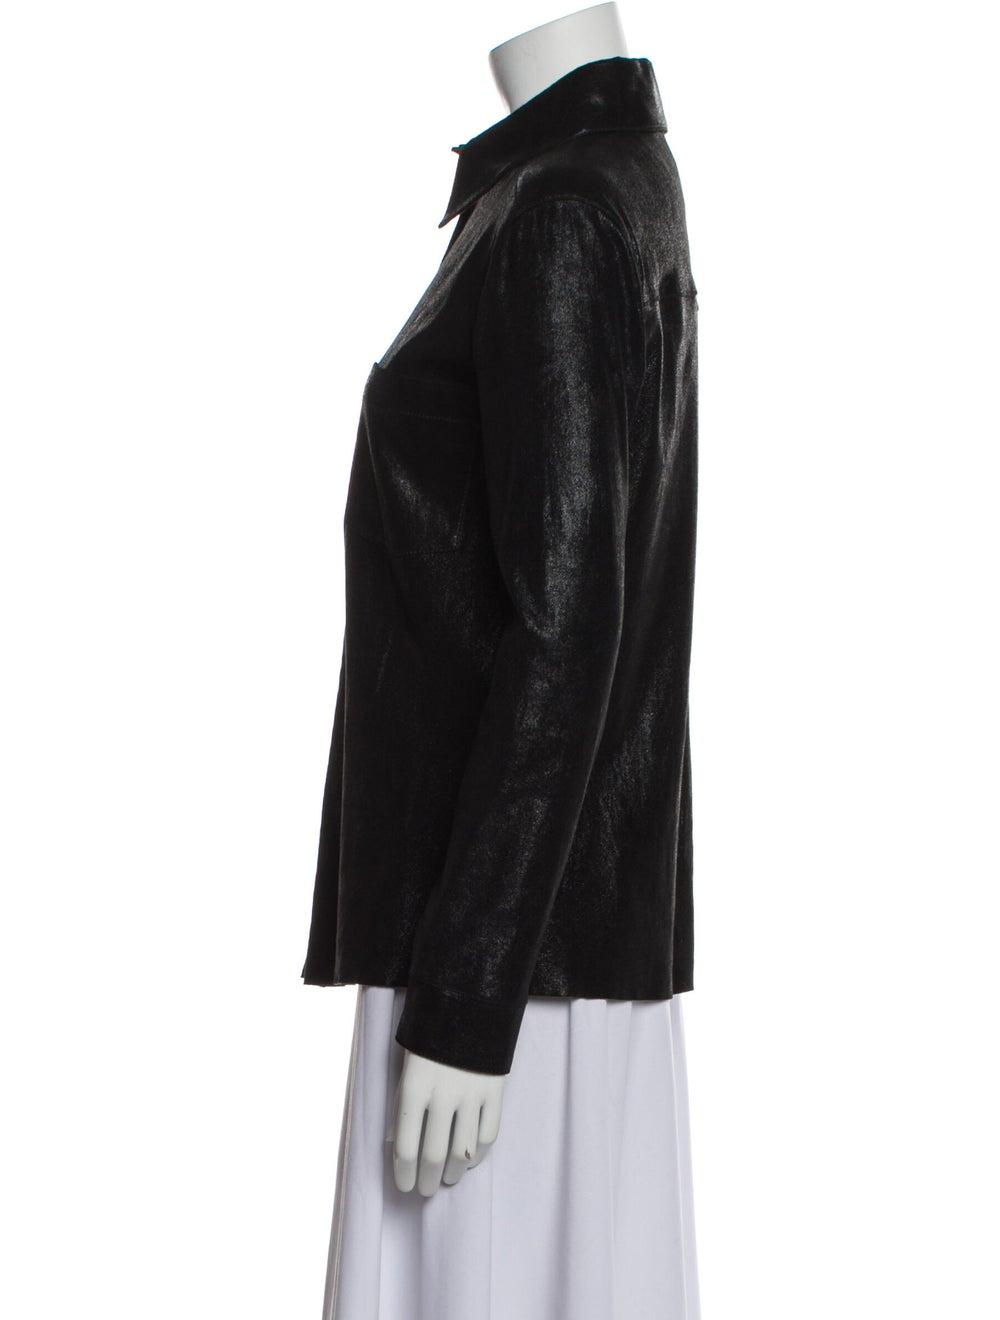 Chanel 2019 Jacket Black - image 2